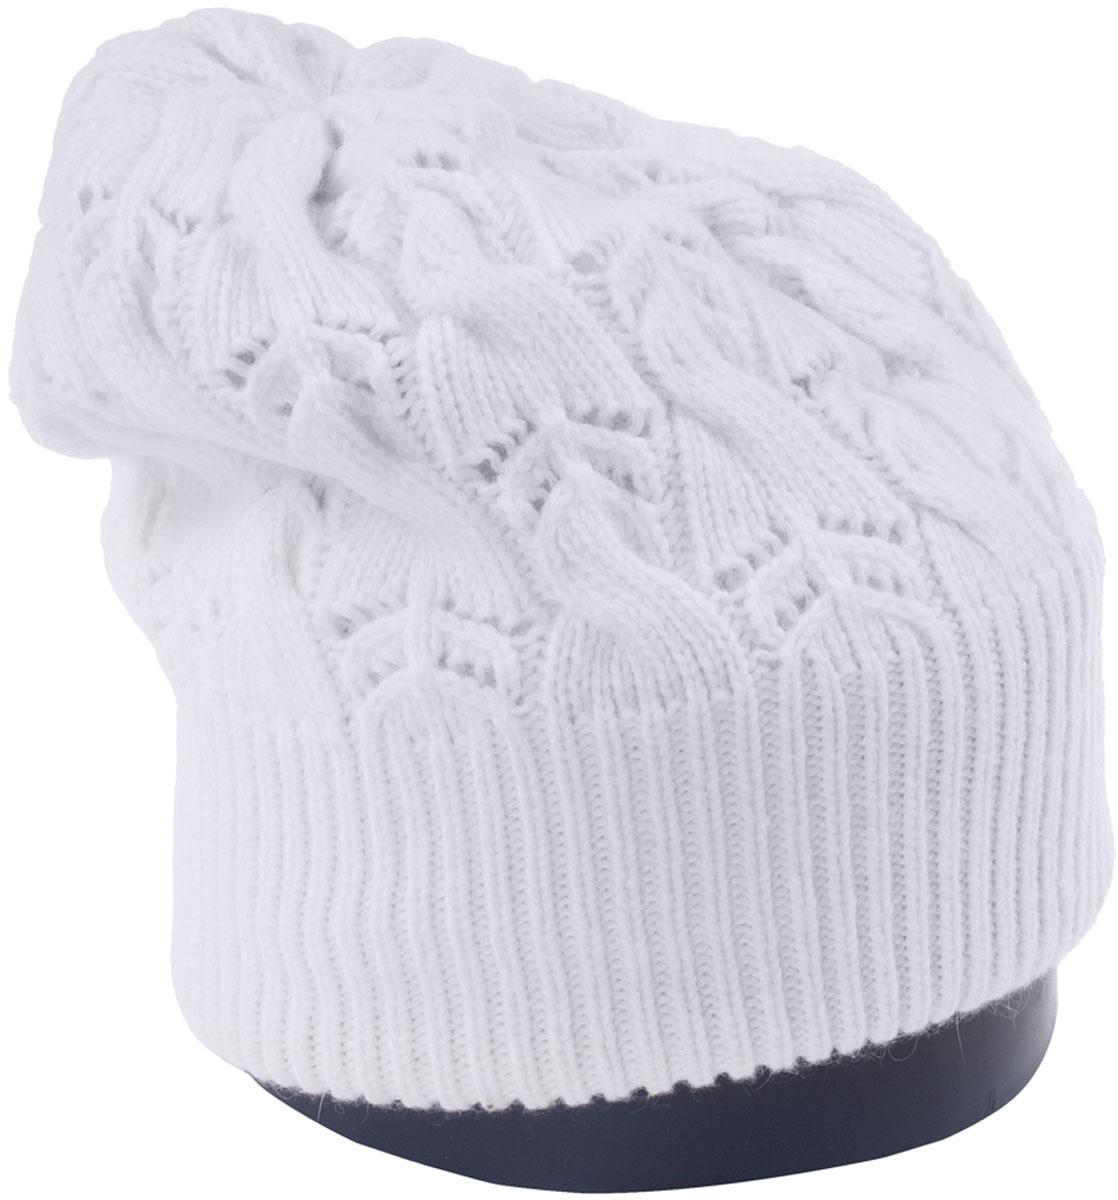 Шапка женская Vittorio Richi, цвет: белый. Aut261858L-11/17. Размер 56/58Aut261858LСтильная женская шапка Vittorio Richi отлично дополнит ваш образ в холодную погоду. Модель, изготовленная из высококачественных материалов, максимально сохраняет тепло и обеспечивает удобную посадку. Шапка дополнена ажурной вязкой. Привлекательная стильная шапка подчеркнет ваш неповторимый стиль и индивидуальность.